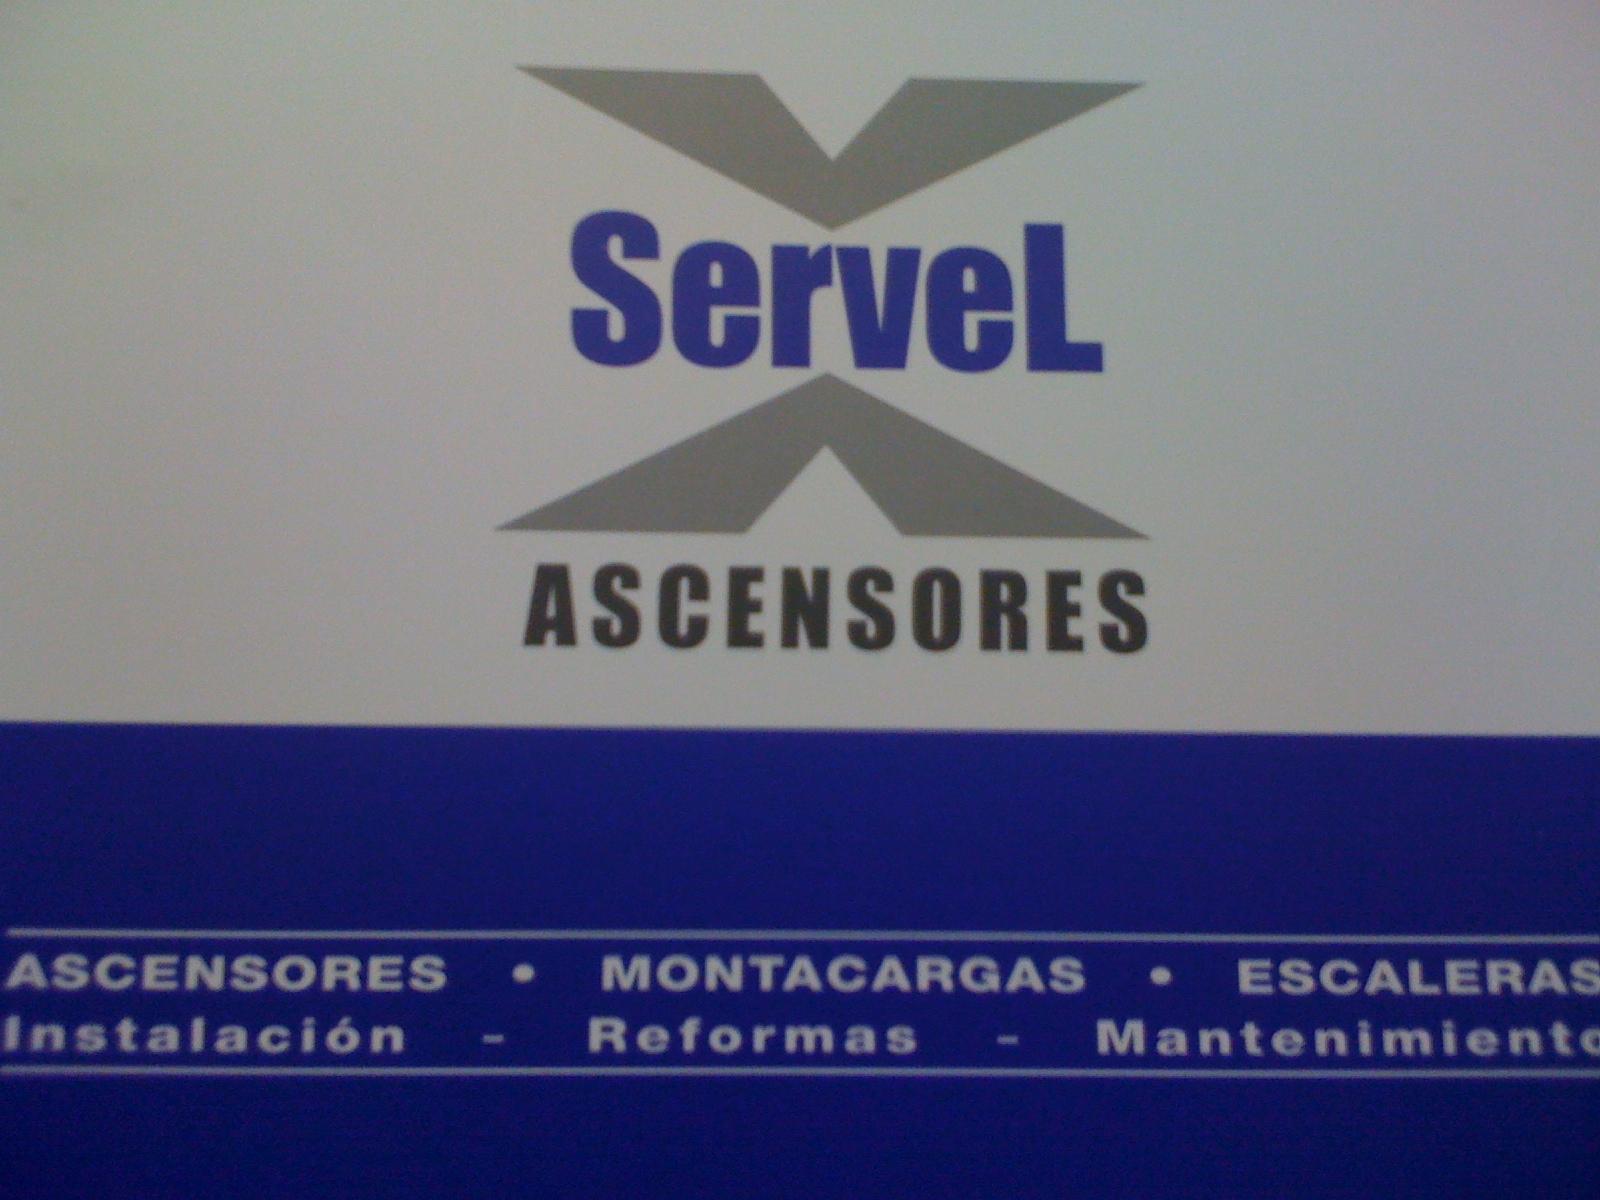 Ascensores Servel S.L.